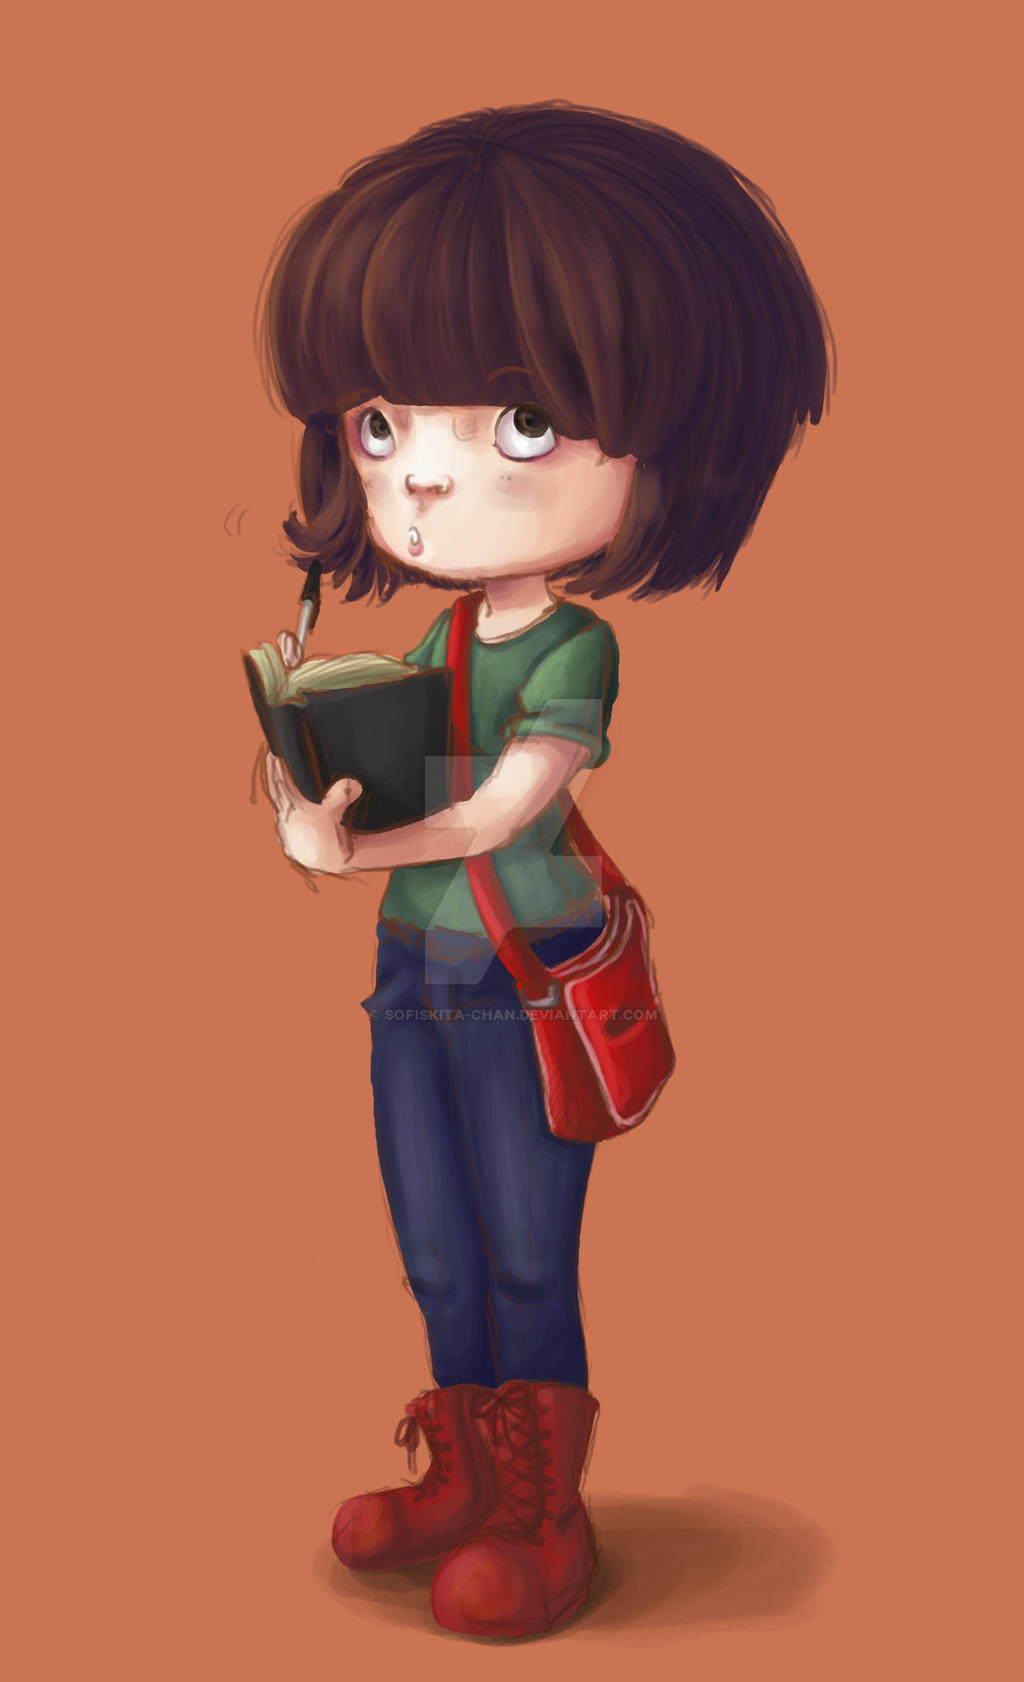 sofiskita-chan's Profile Picture